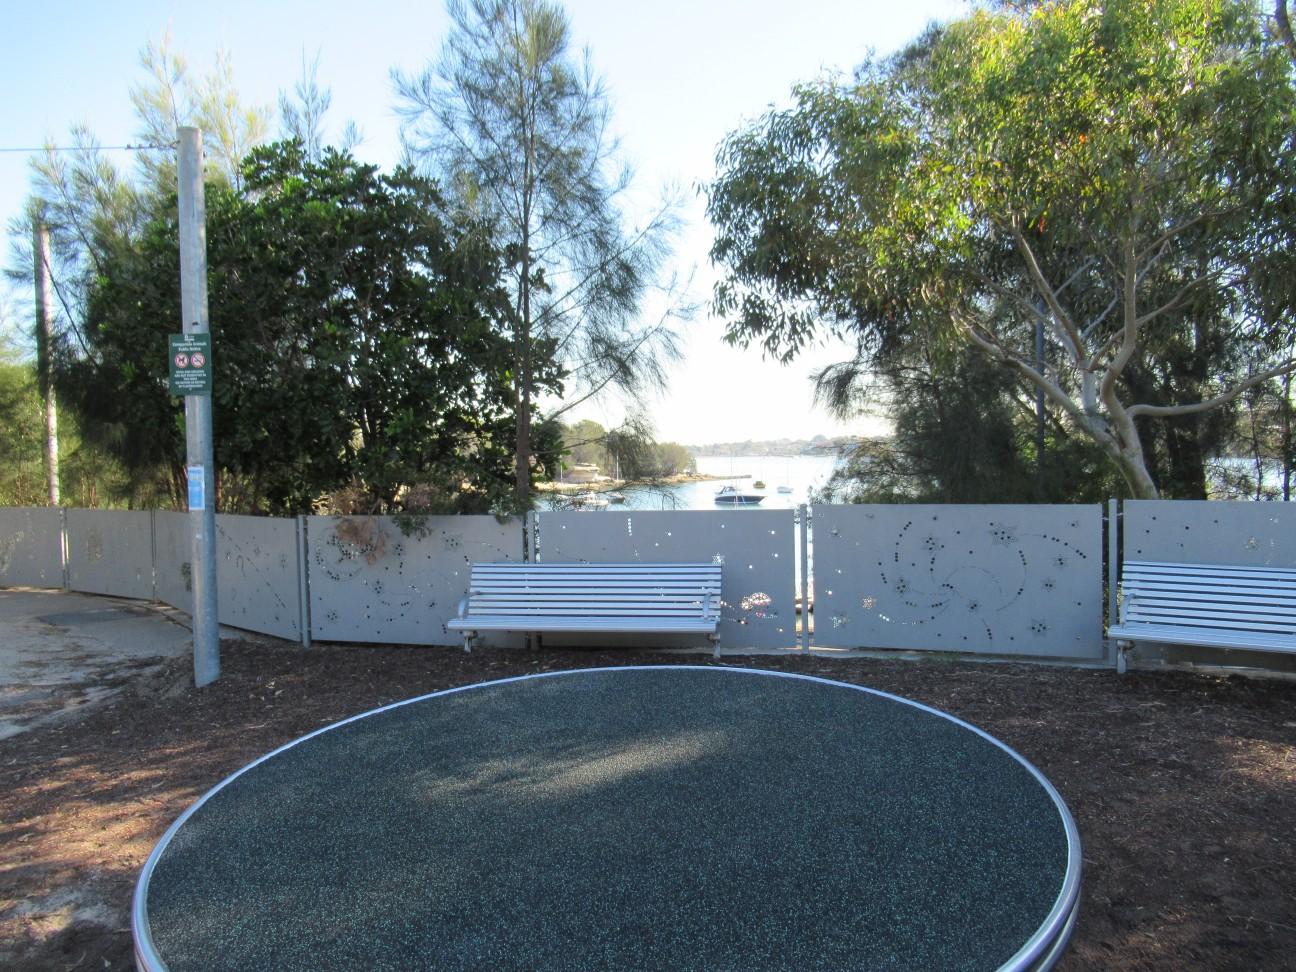 King George Park Constellation Playground Rozelle